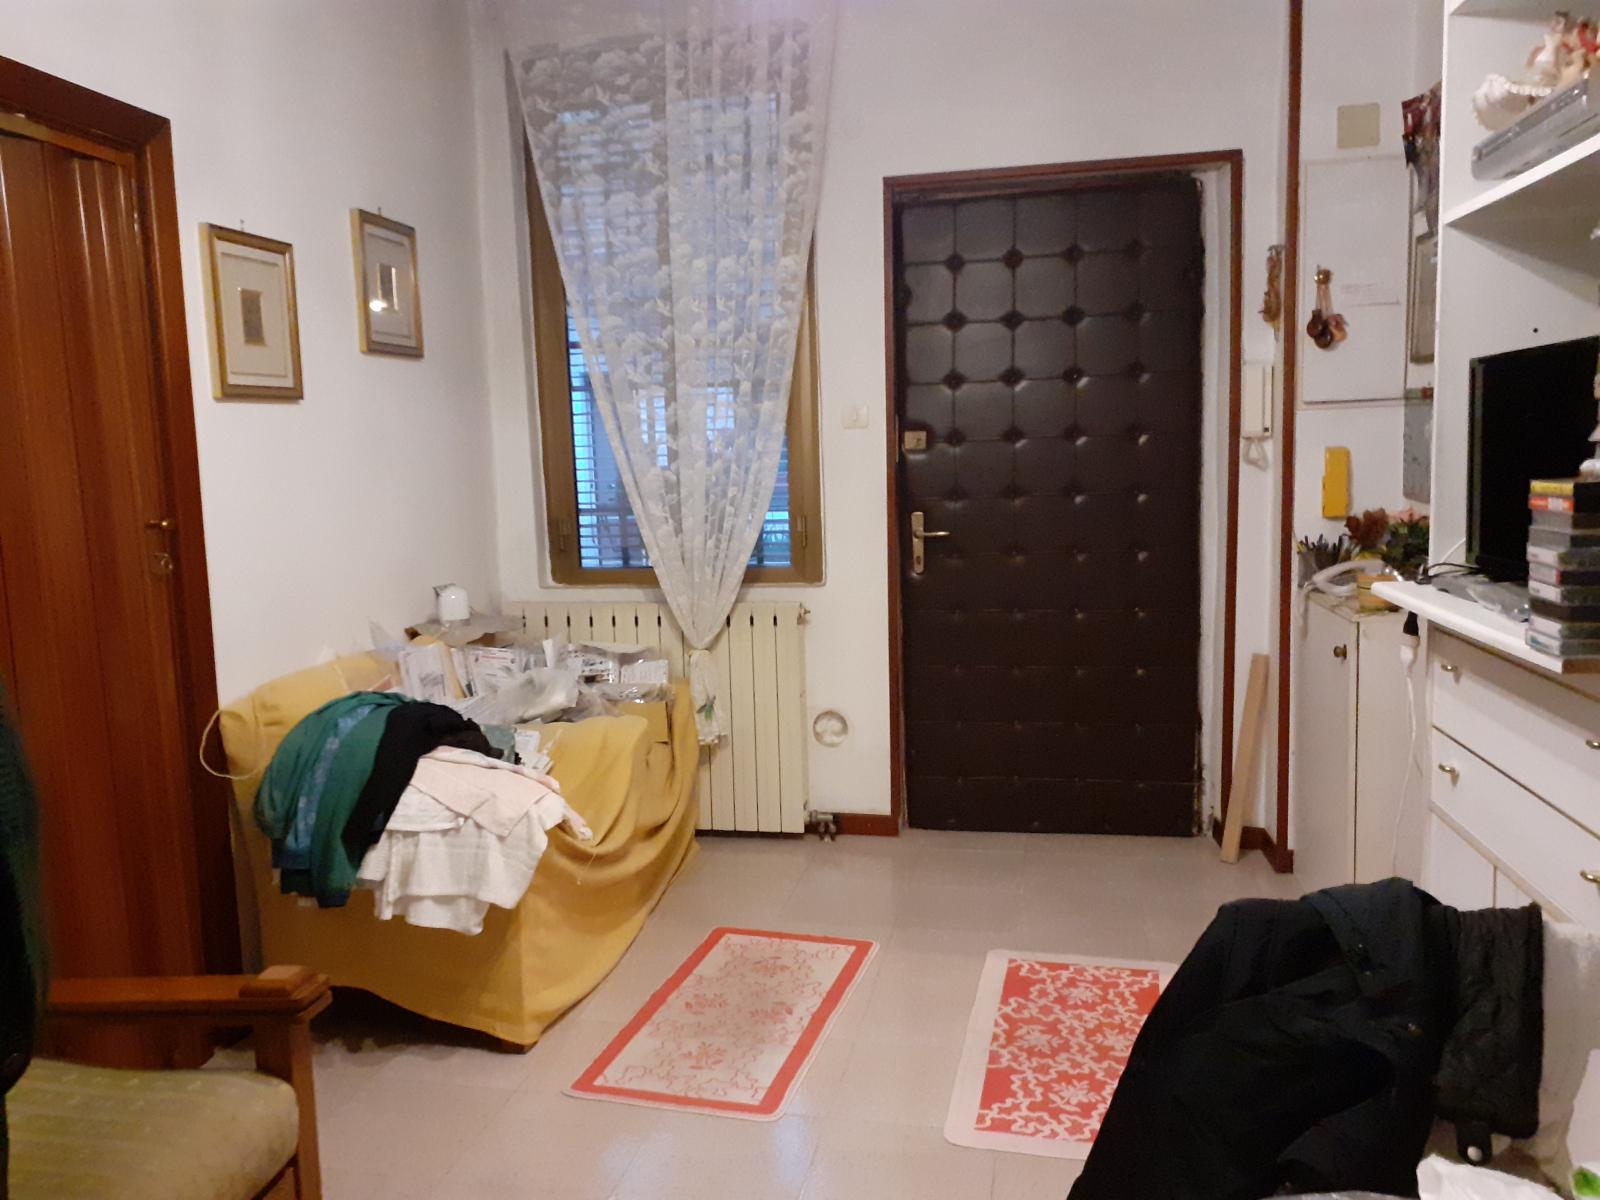 appartamento-in-vendita-a-baggio-milano-2-locali-bilocale-spaziourbano-immobiliare-vende-9